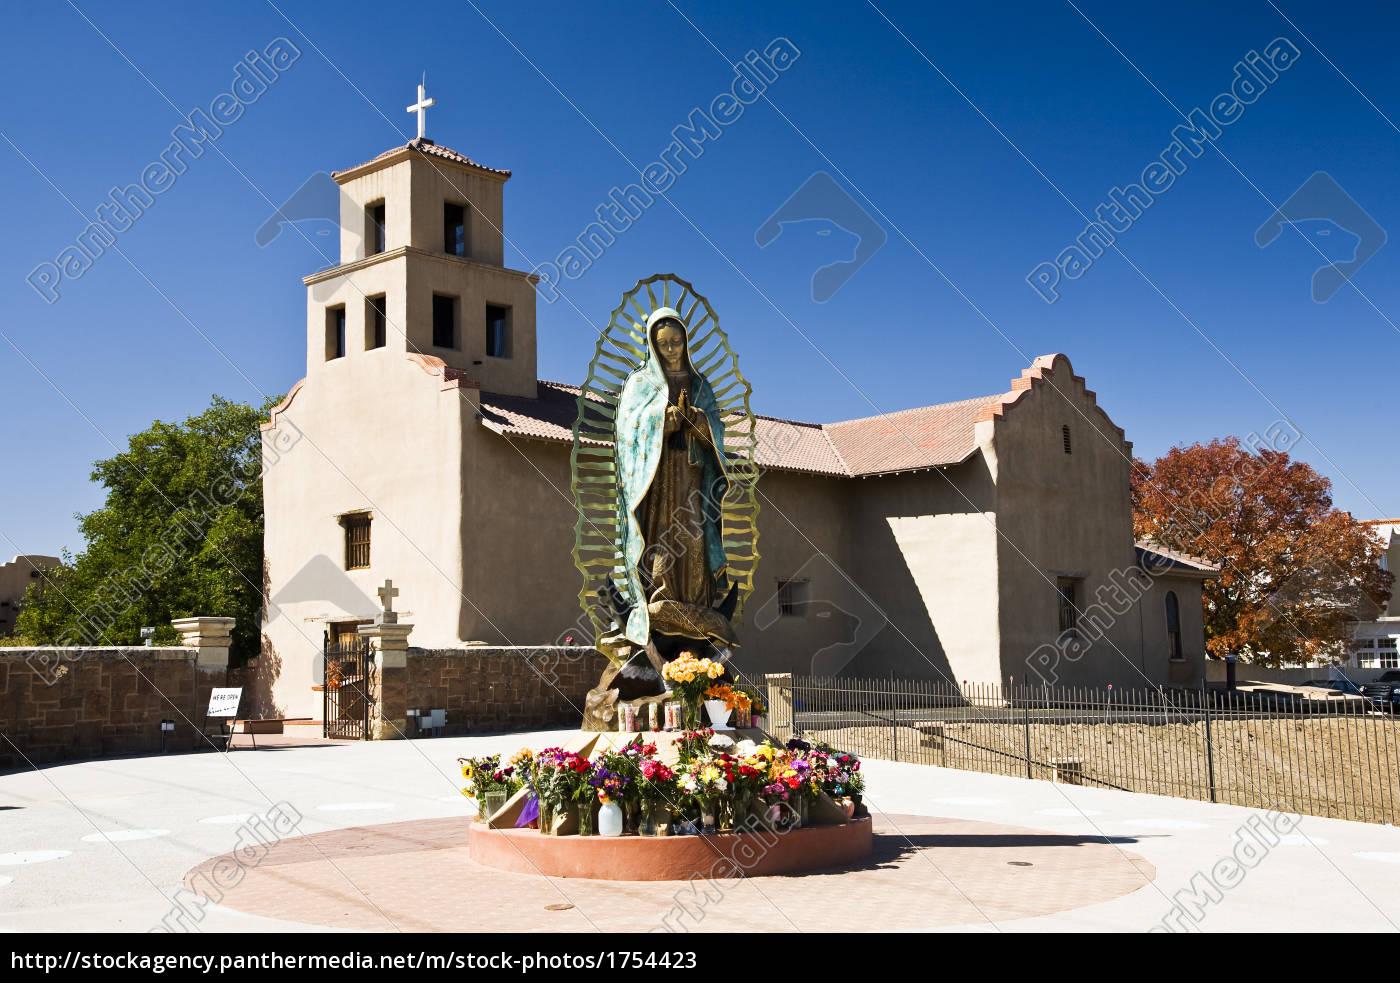 adobe, style, santa, fe, new, mexico - 1754423